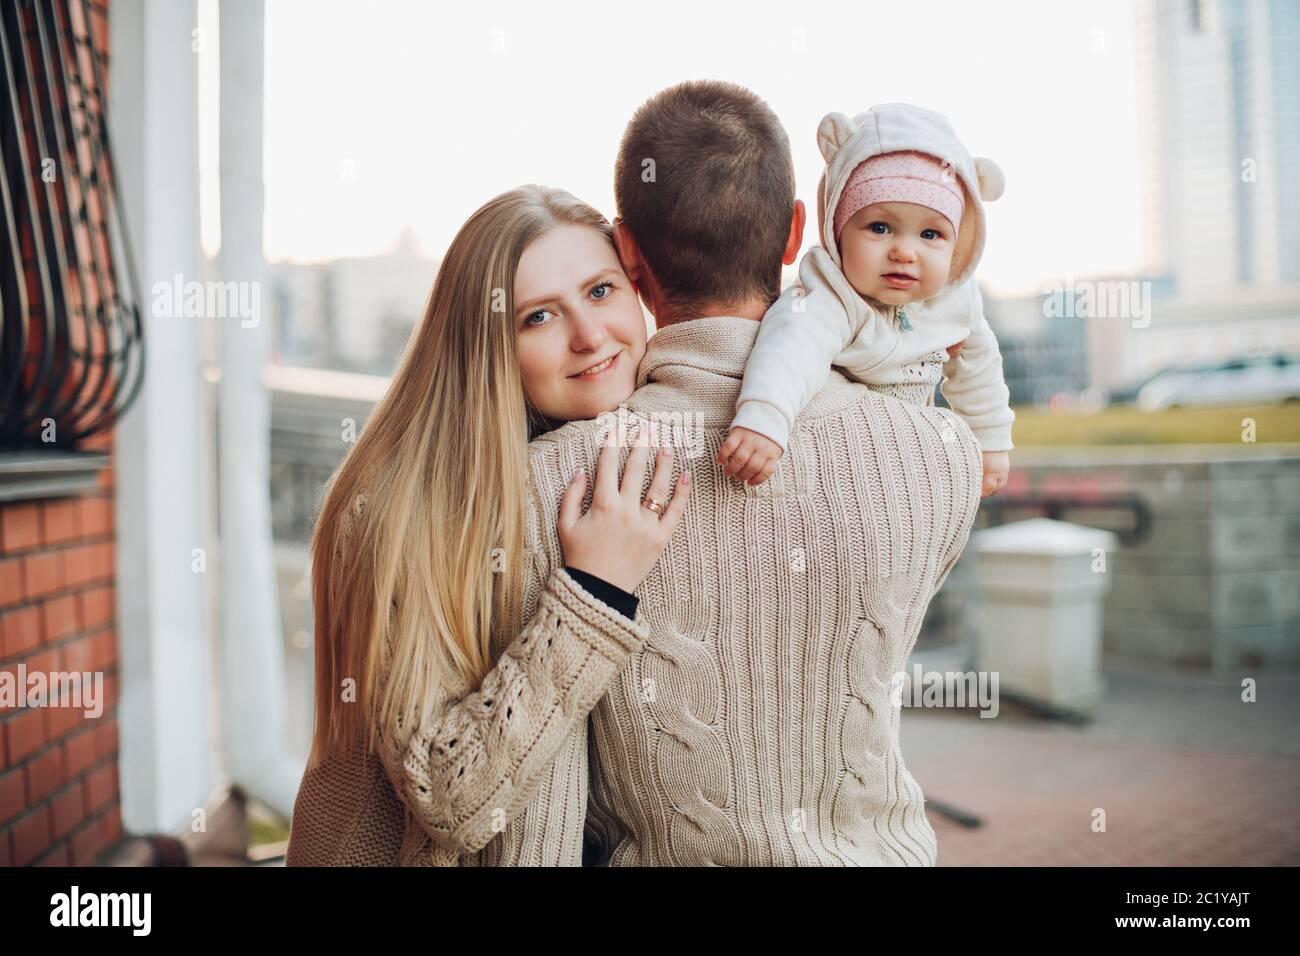 Joven familia feliz sonriendo ante la cámara y juntos. Foto de stock